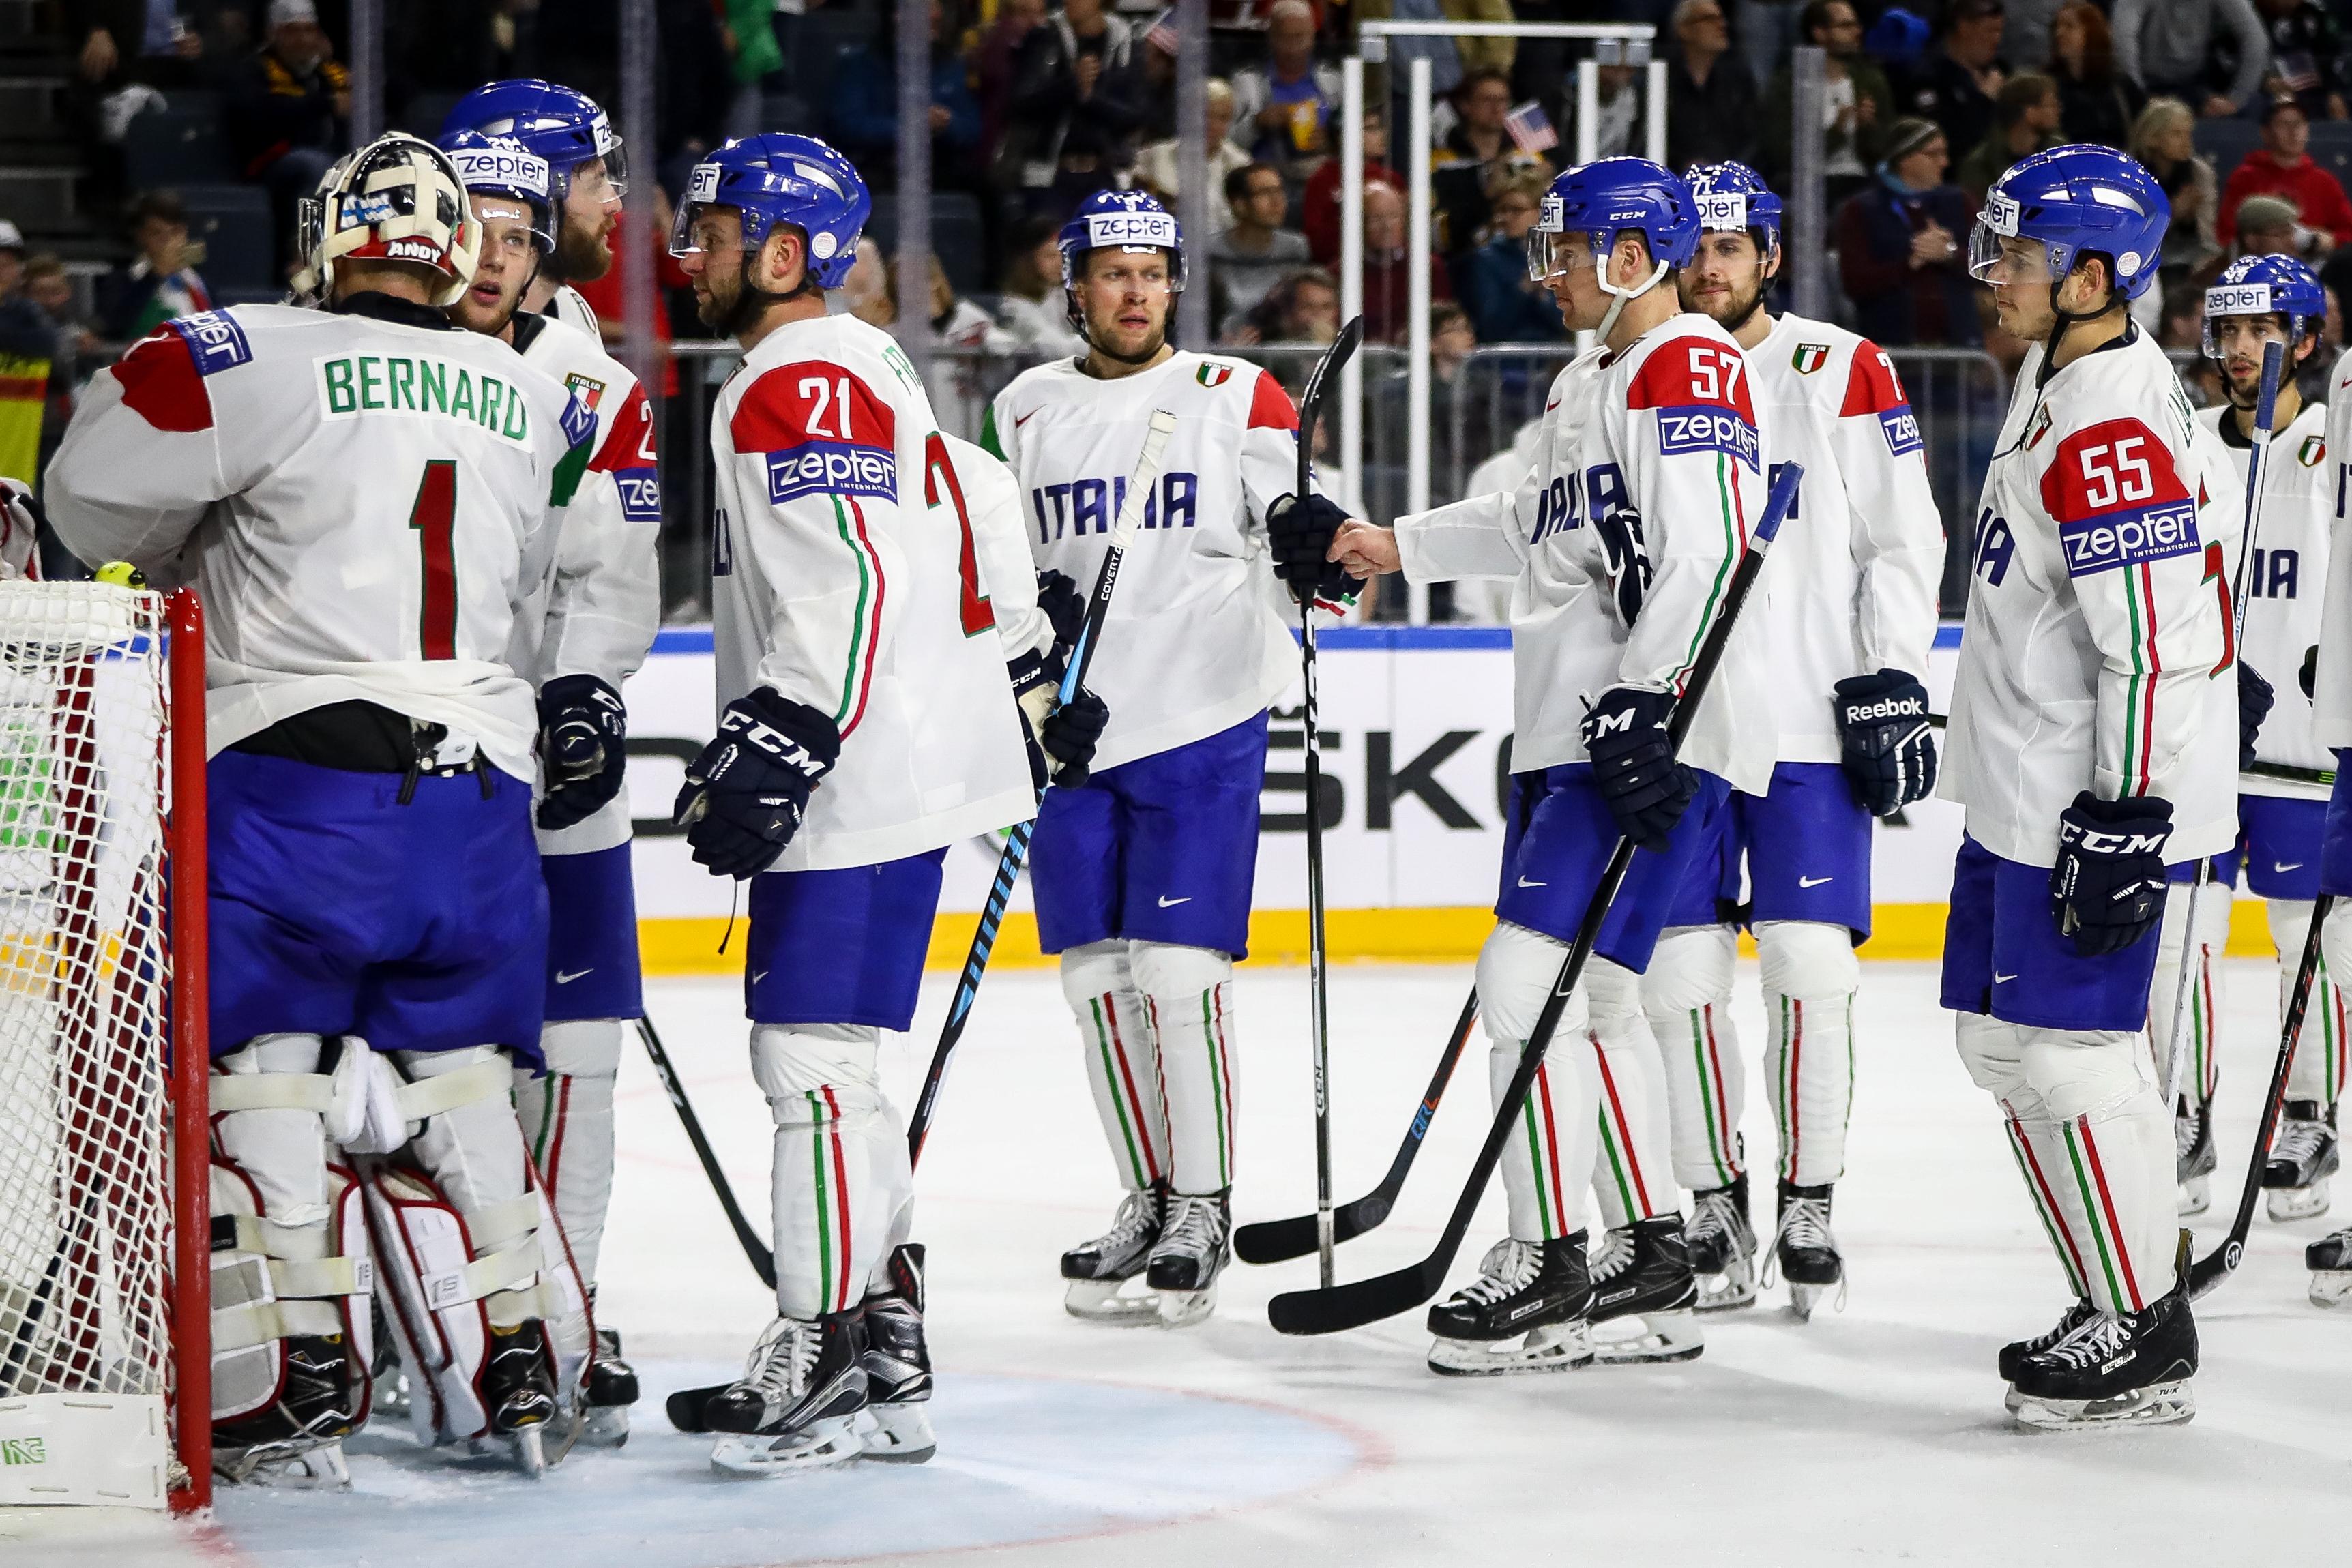 Чемпионат мира по хоккею ставки букмекеров xbet